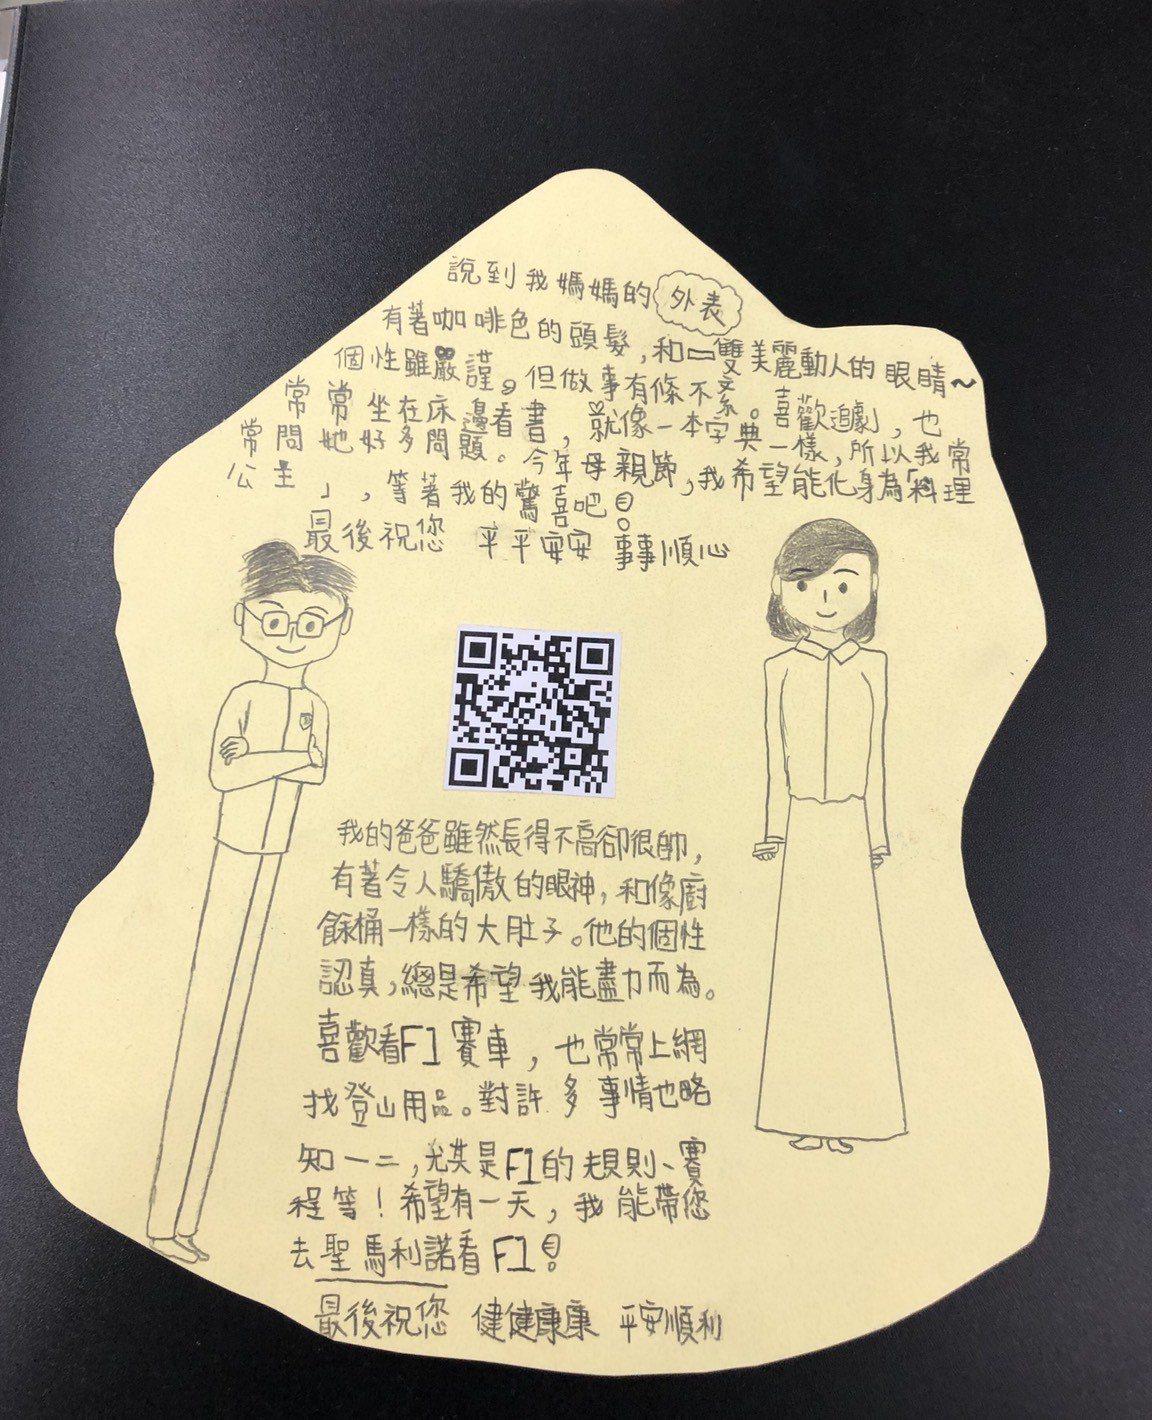 卡片寫上給家人的小詩,還有音檔的QRCODE,爸媽可用手機掃描,隨時聽到寶貝親自...